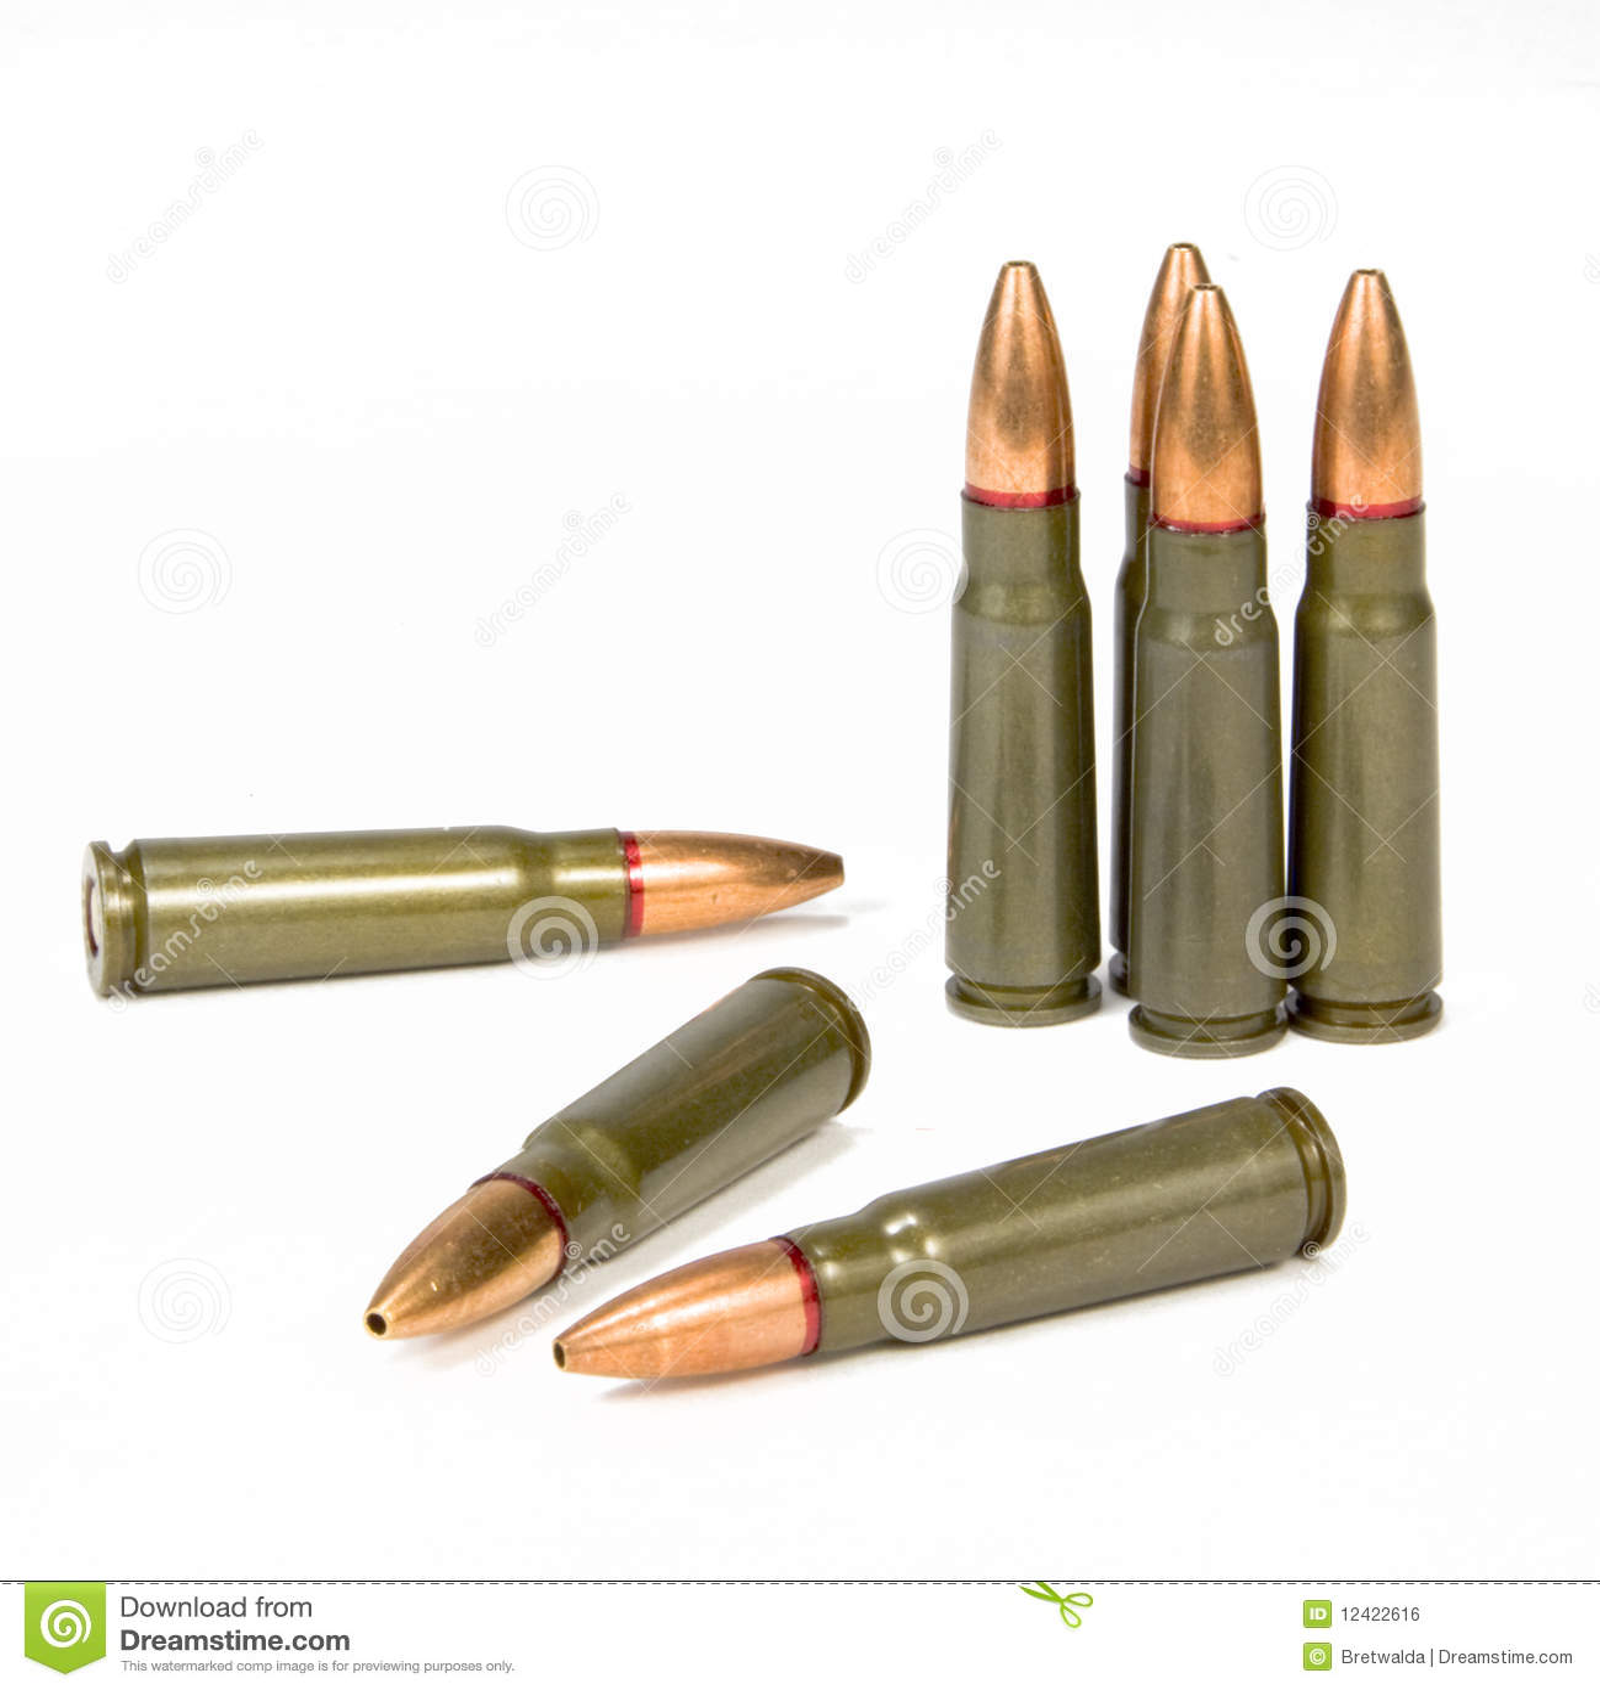 remboursements in fine de fusil d 39 assaut de sks image libre de droits image 12422616. Black Bedroom Furniture Sets. Home Design Ideas